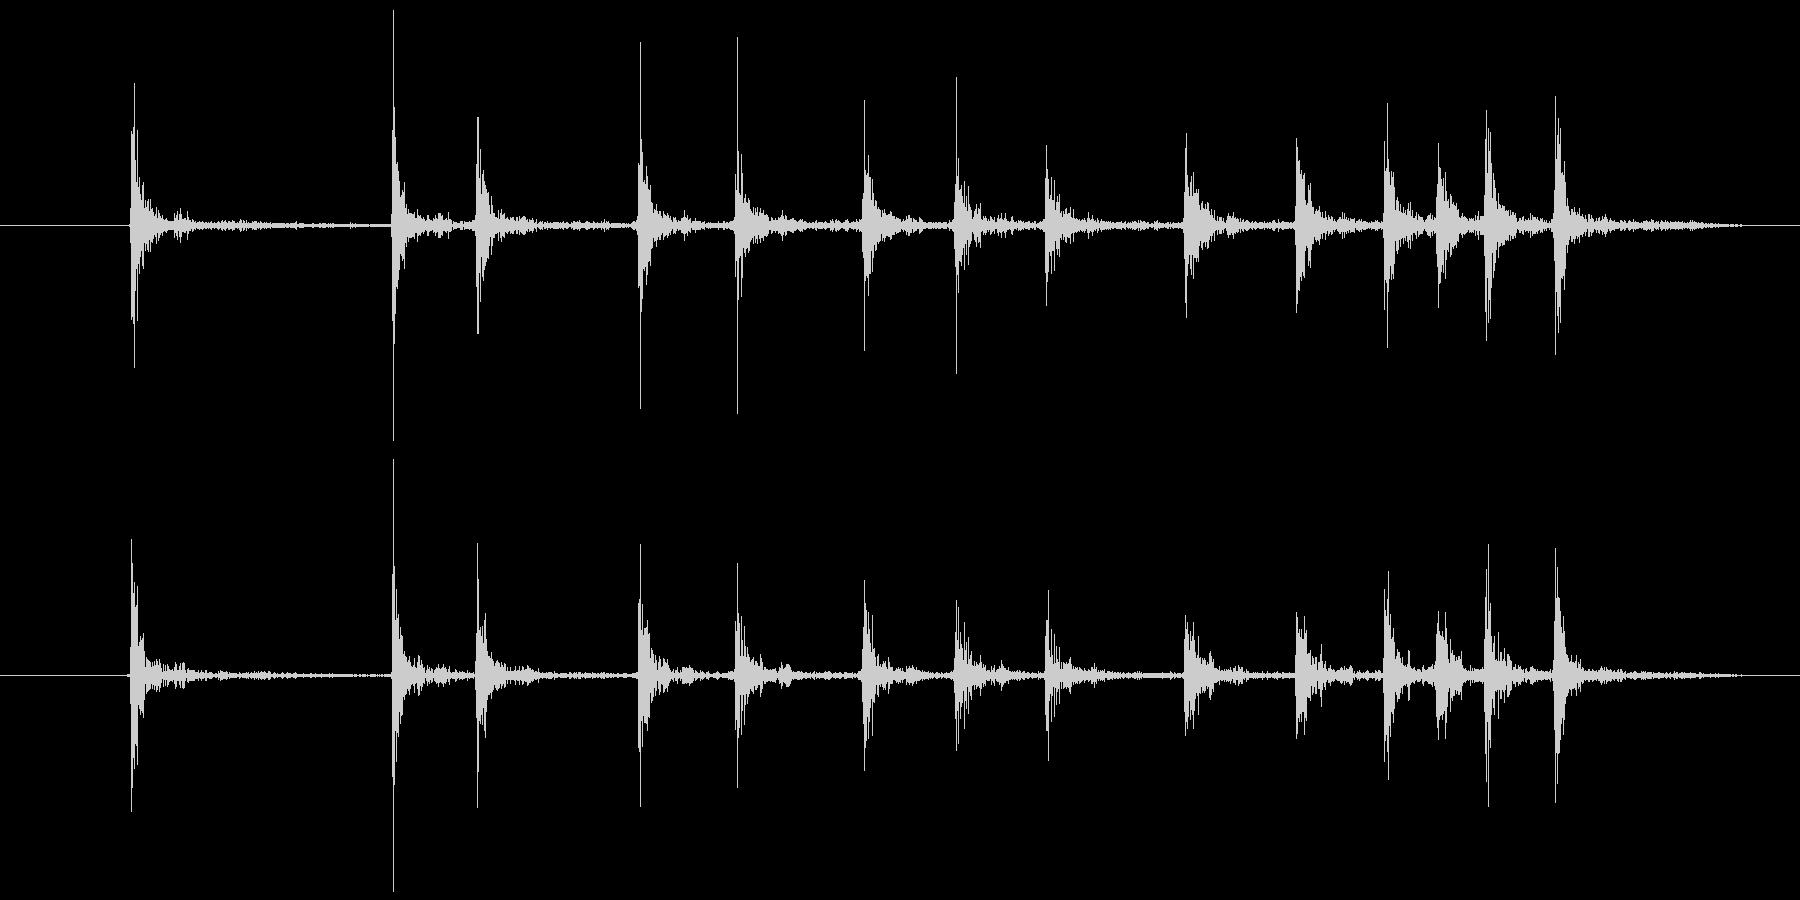 カッターの刃を出す(素早く)の未再生の波形